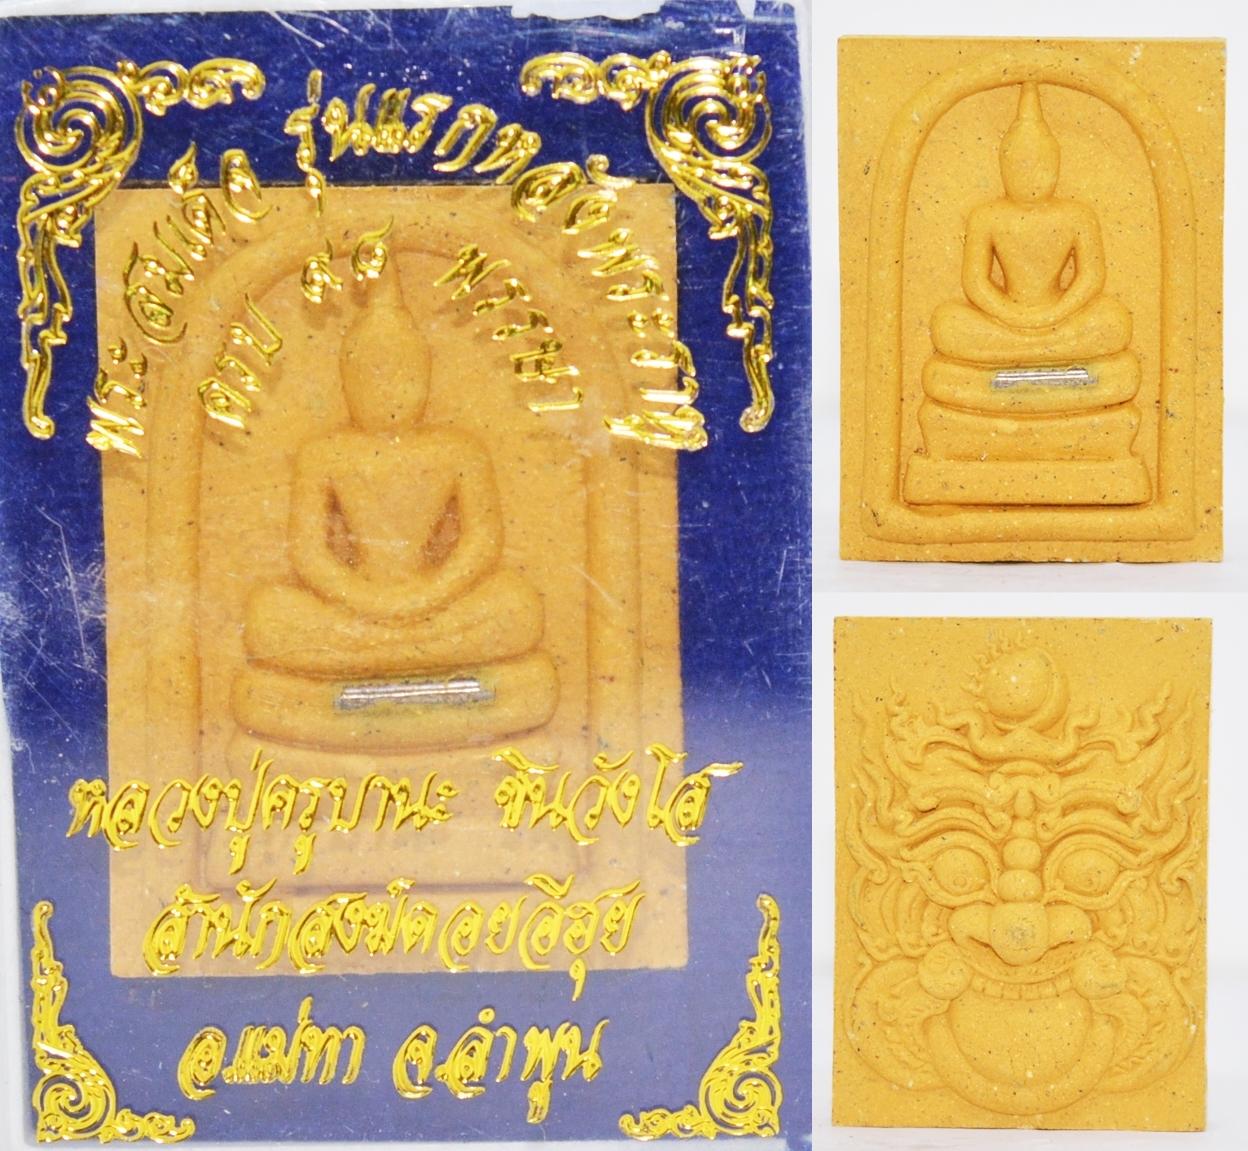 พระสมเด็จ รุ่นแรก เนื้อผงว่านเหลือง ตะกรุด 1 ดอก ครูบานะ สำนักสงฆ์ดอยอีฮุย 2560